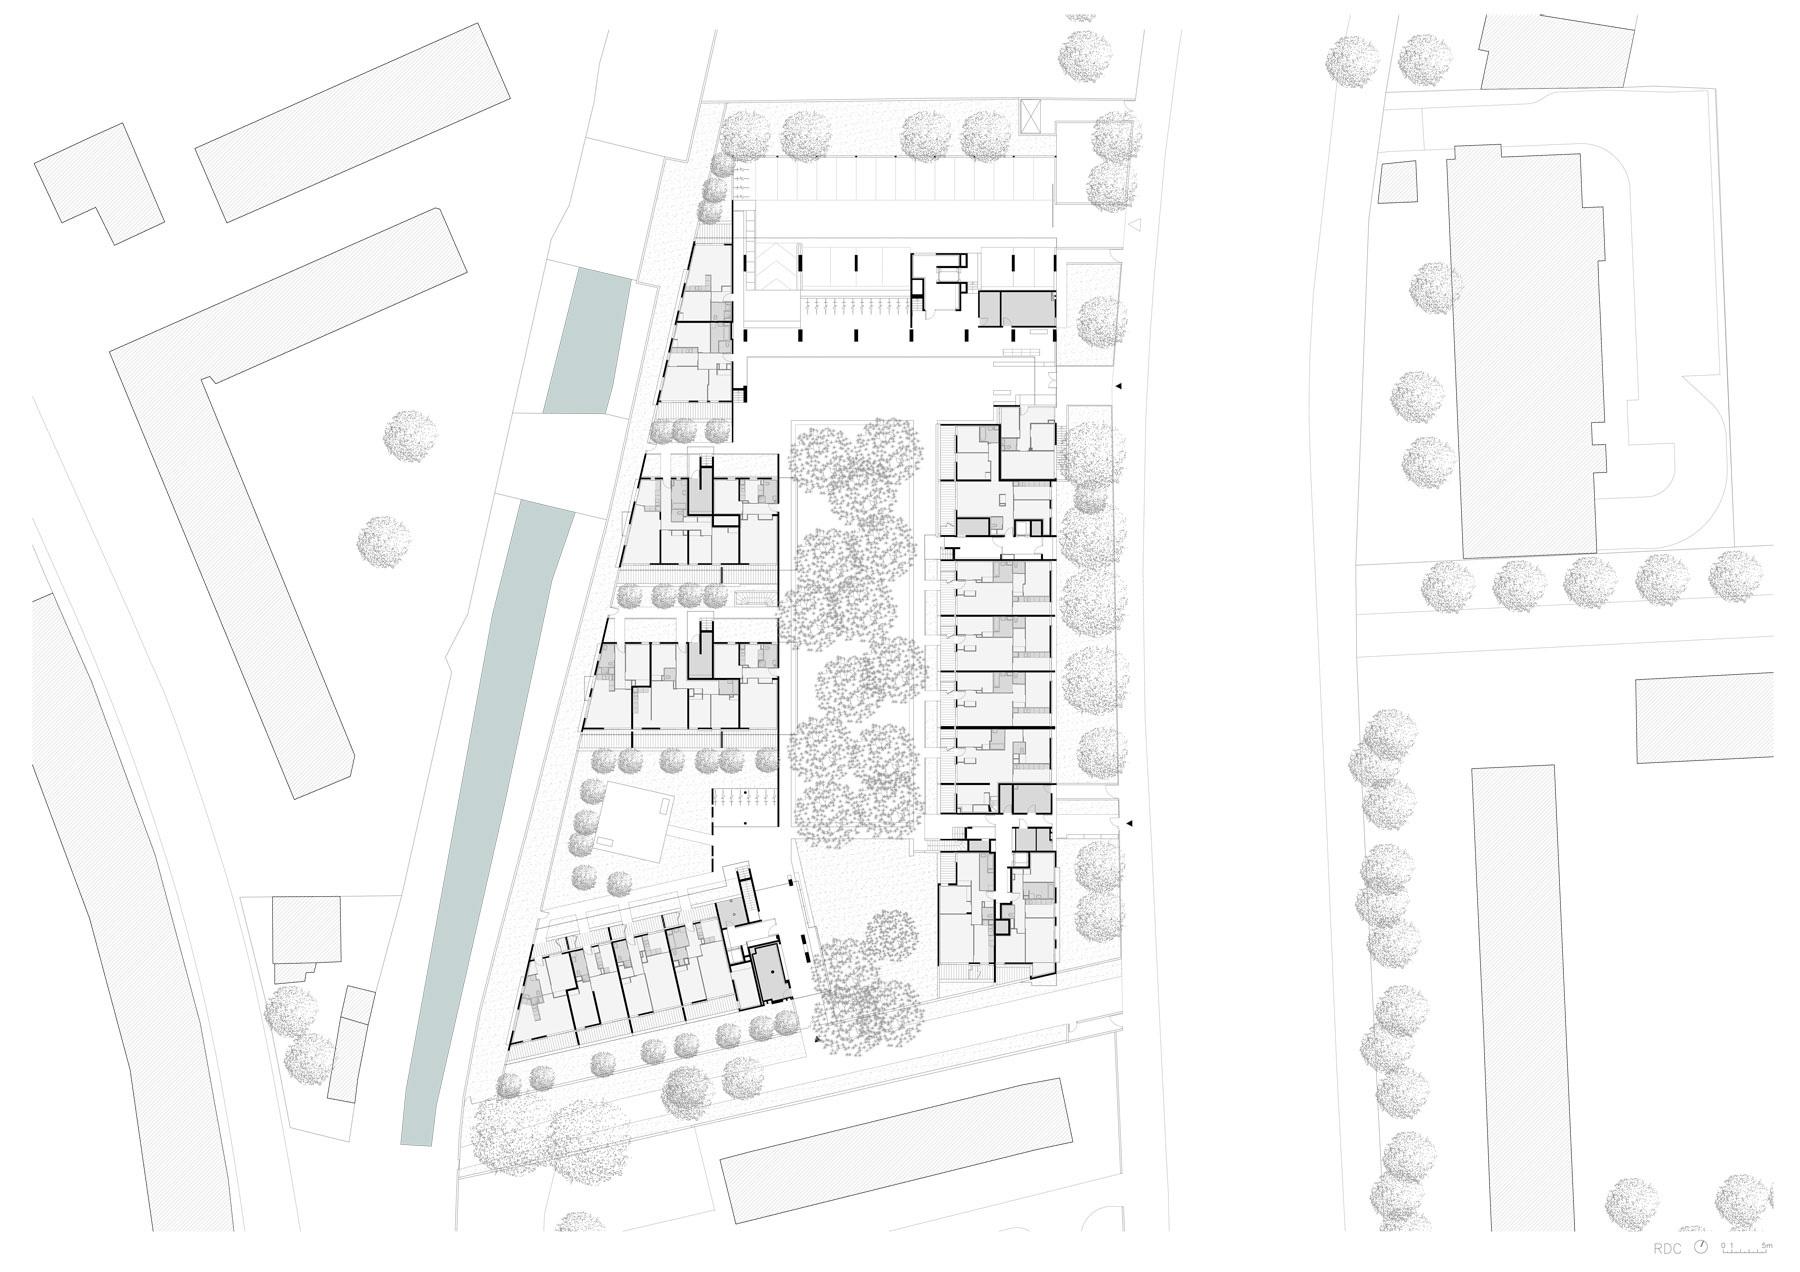 3-germe-et-jam-MTG-marseille-logements-plan-RDC